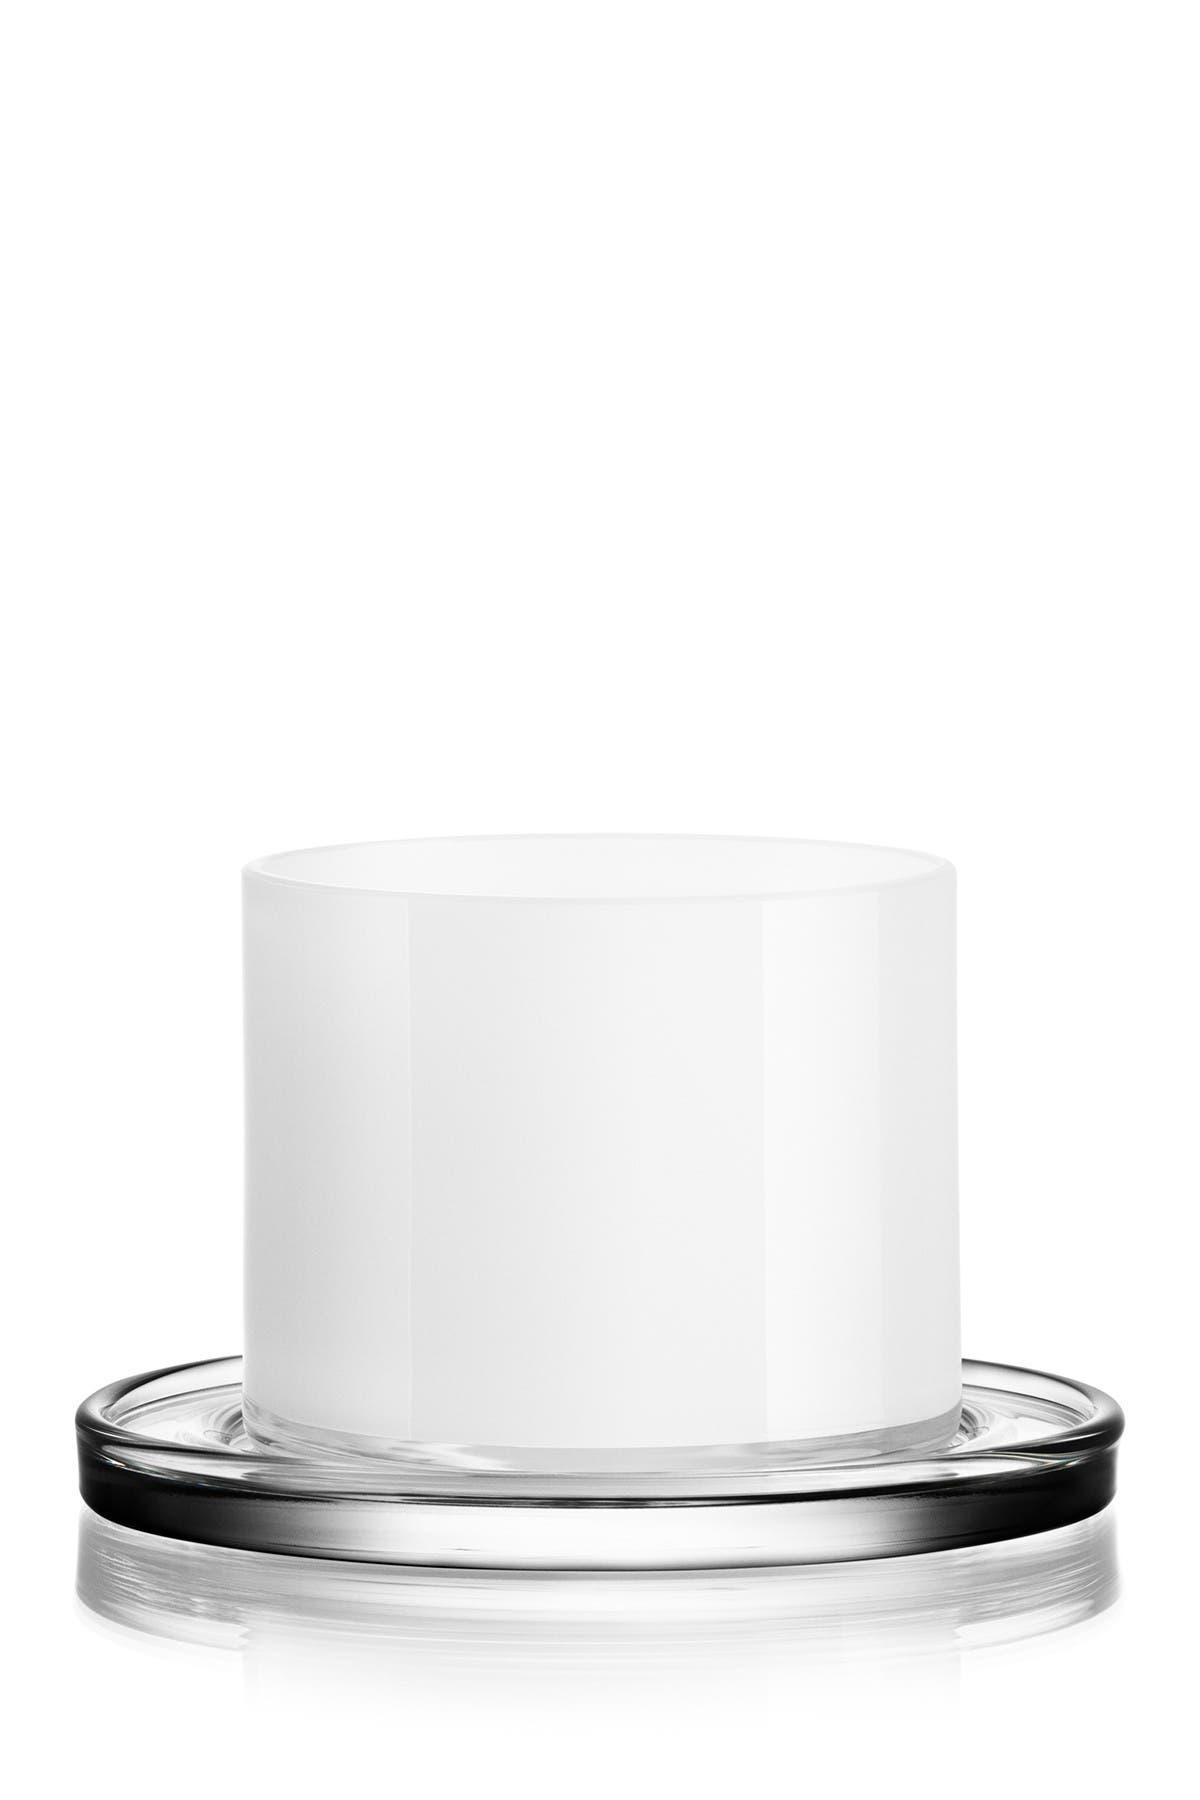 Image of Orrefors White Karl Lagerfeld Tumbler Glass - Set of 2